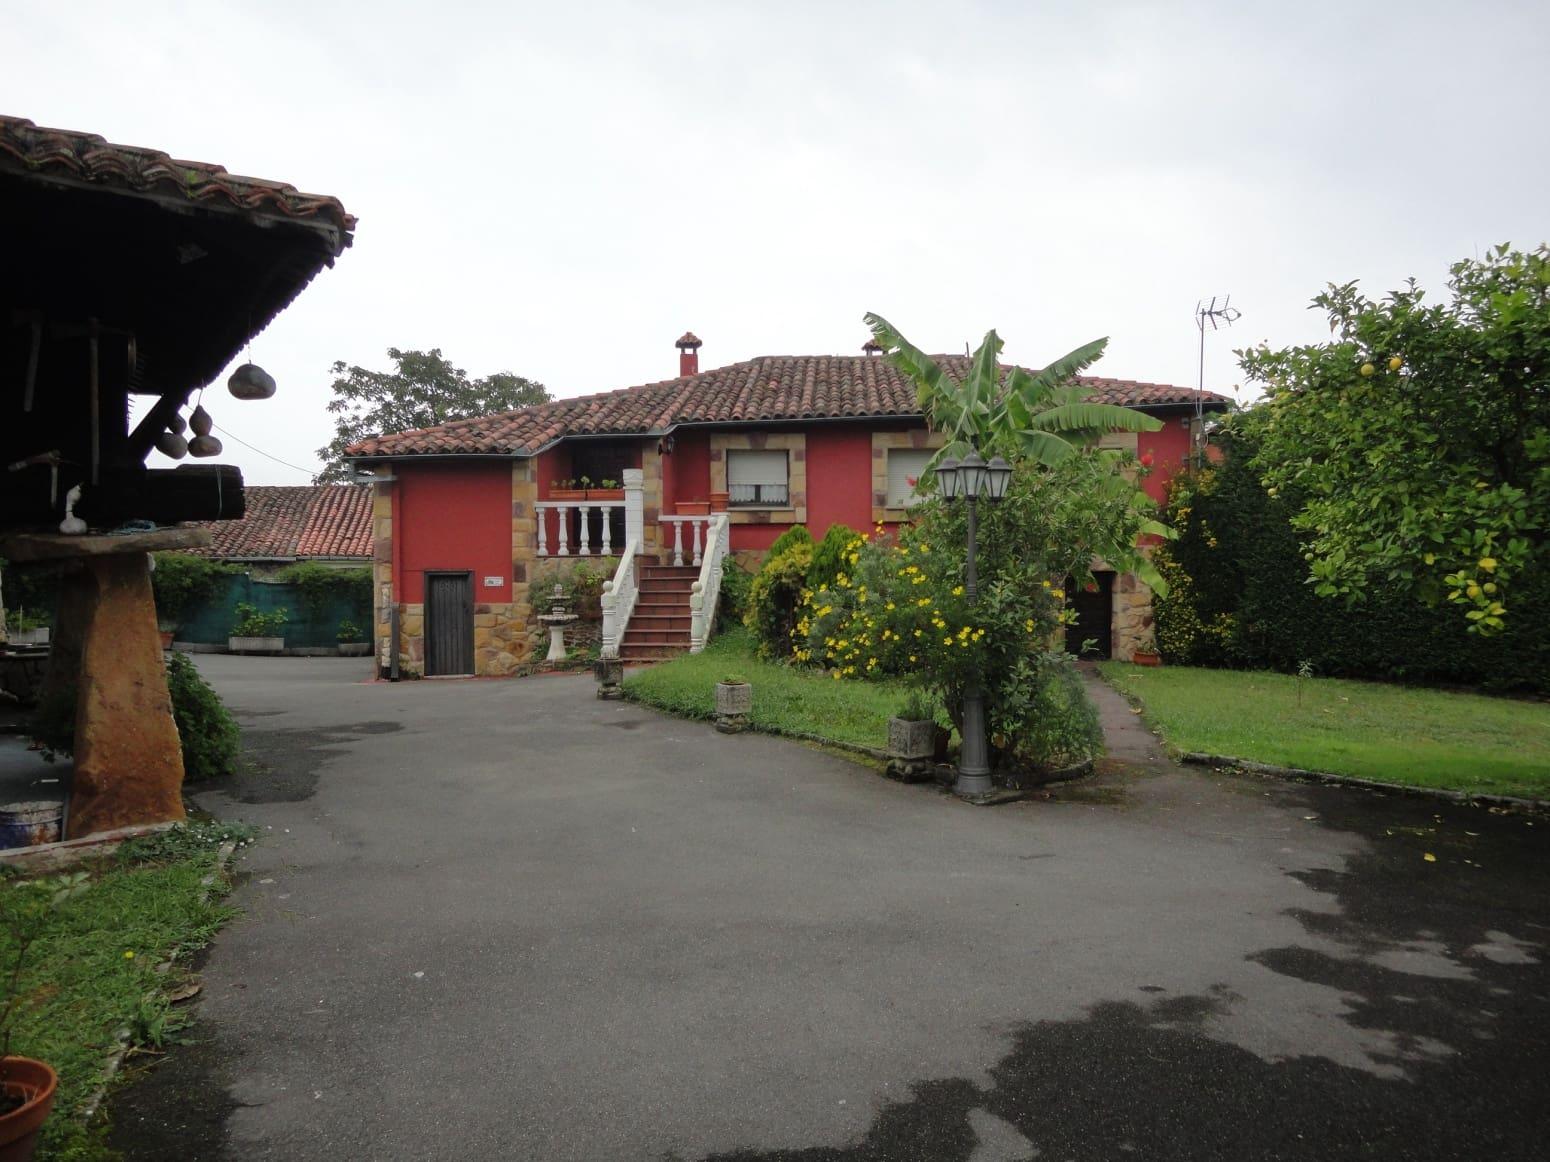 5 sypialnia Dom szeregowy na sprzedaż w Villaviciosa - 190 000 € (Ref: 5765384)